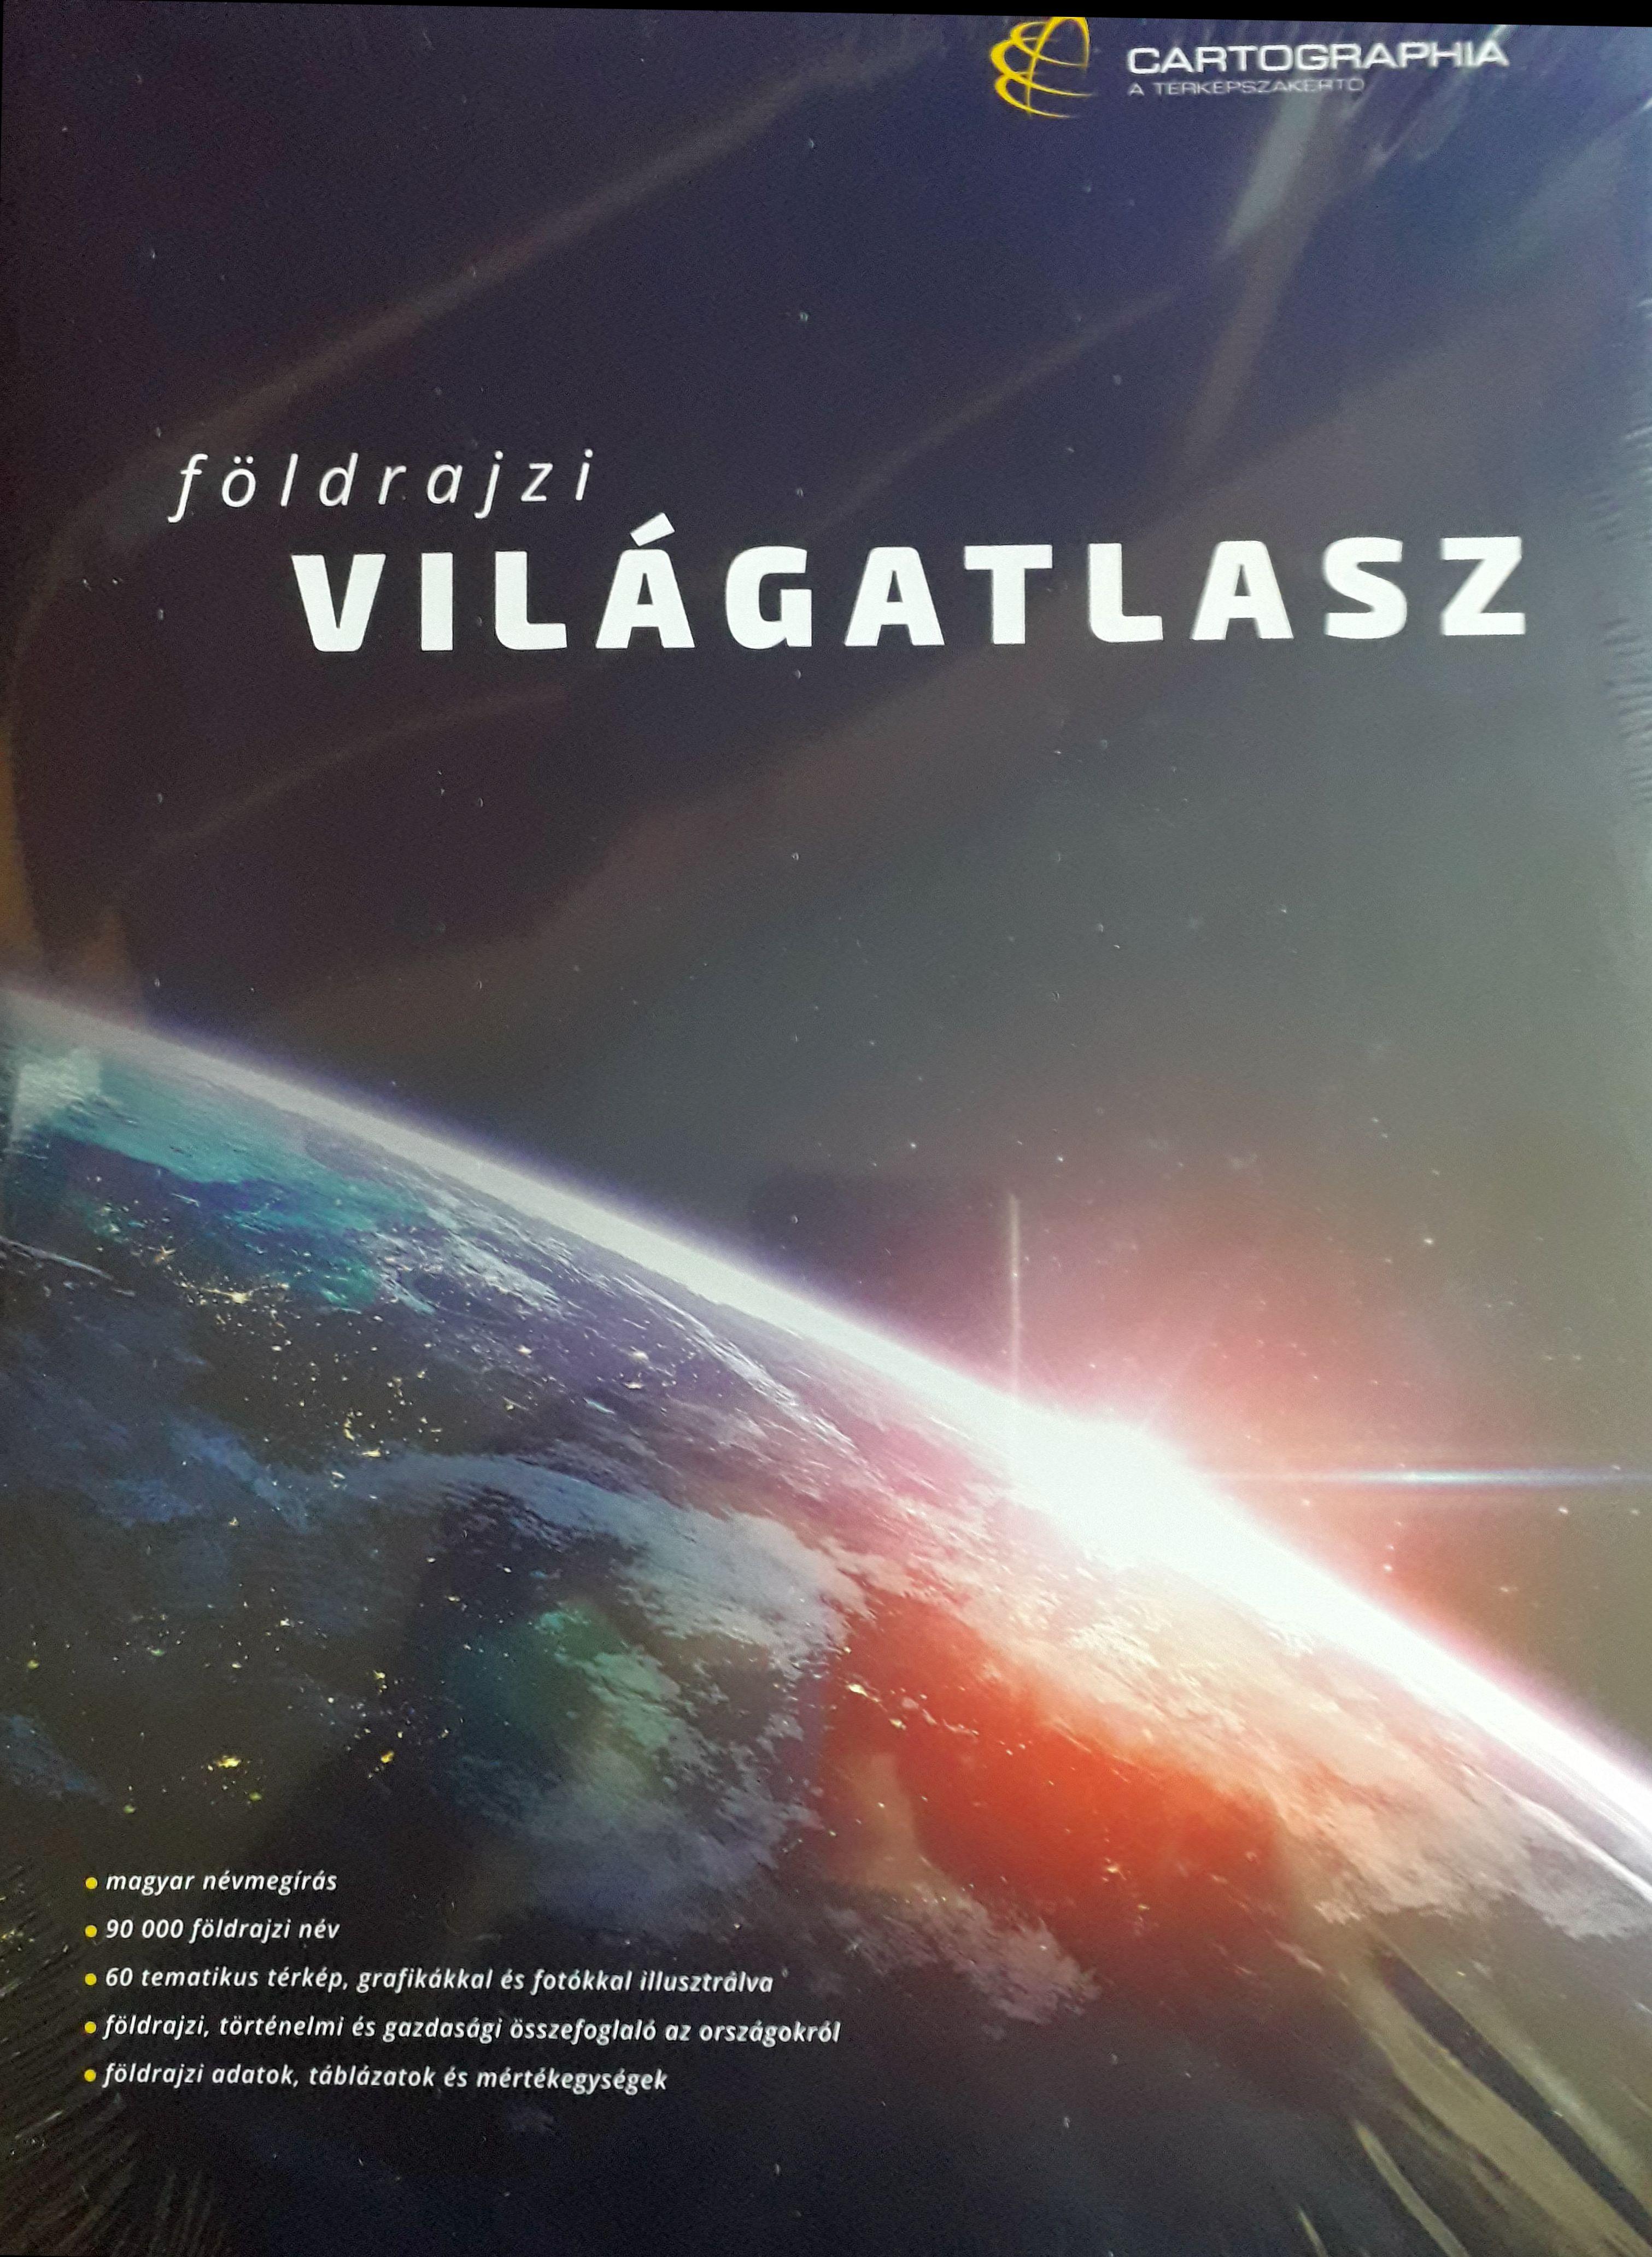 416 oldalas (25 x 35 cm, cérnafűzött keménytáblás)nagy világatlasz teljesen magyar névrajzzal